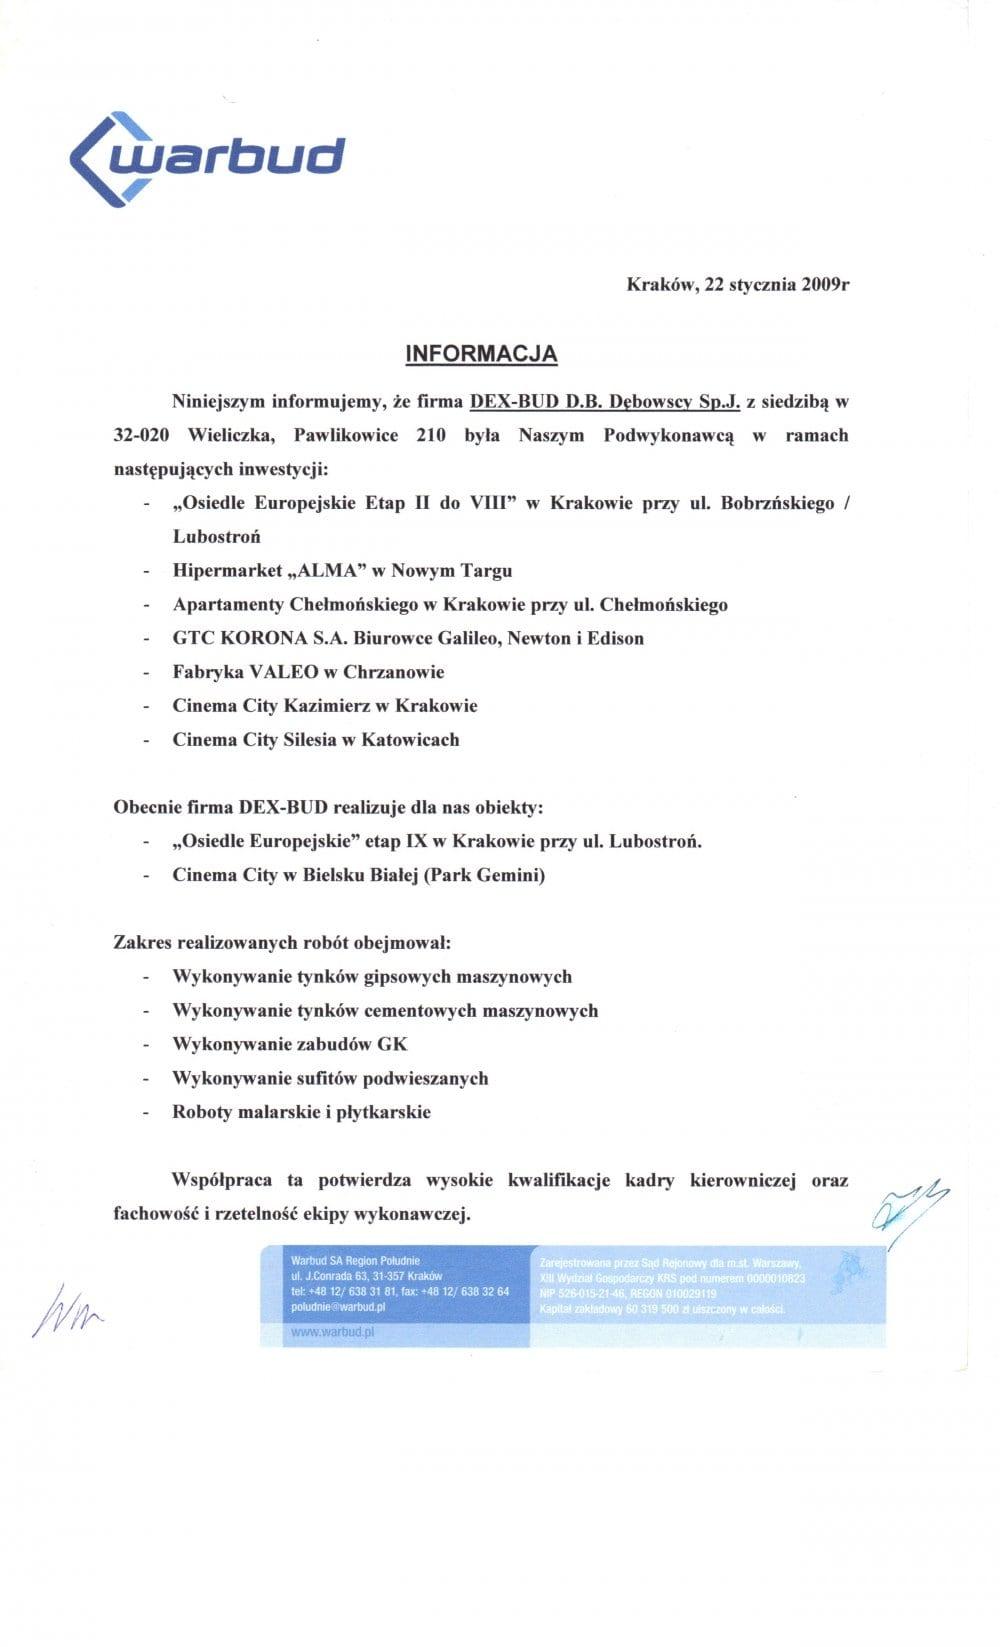 List referencyjny Warbud - Dex-Bud